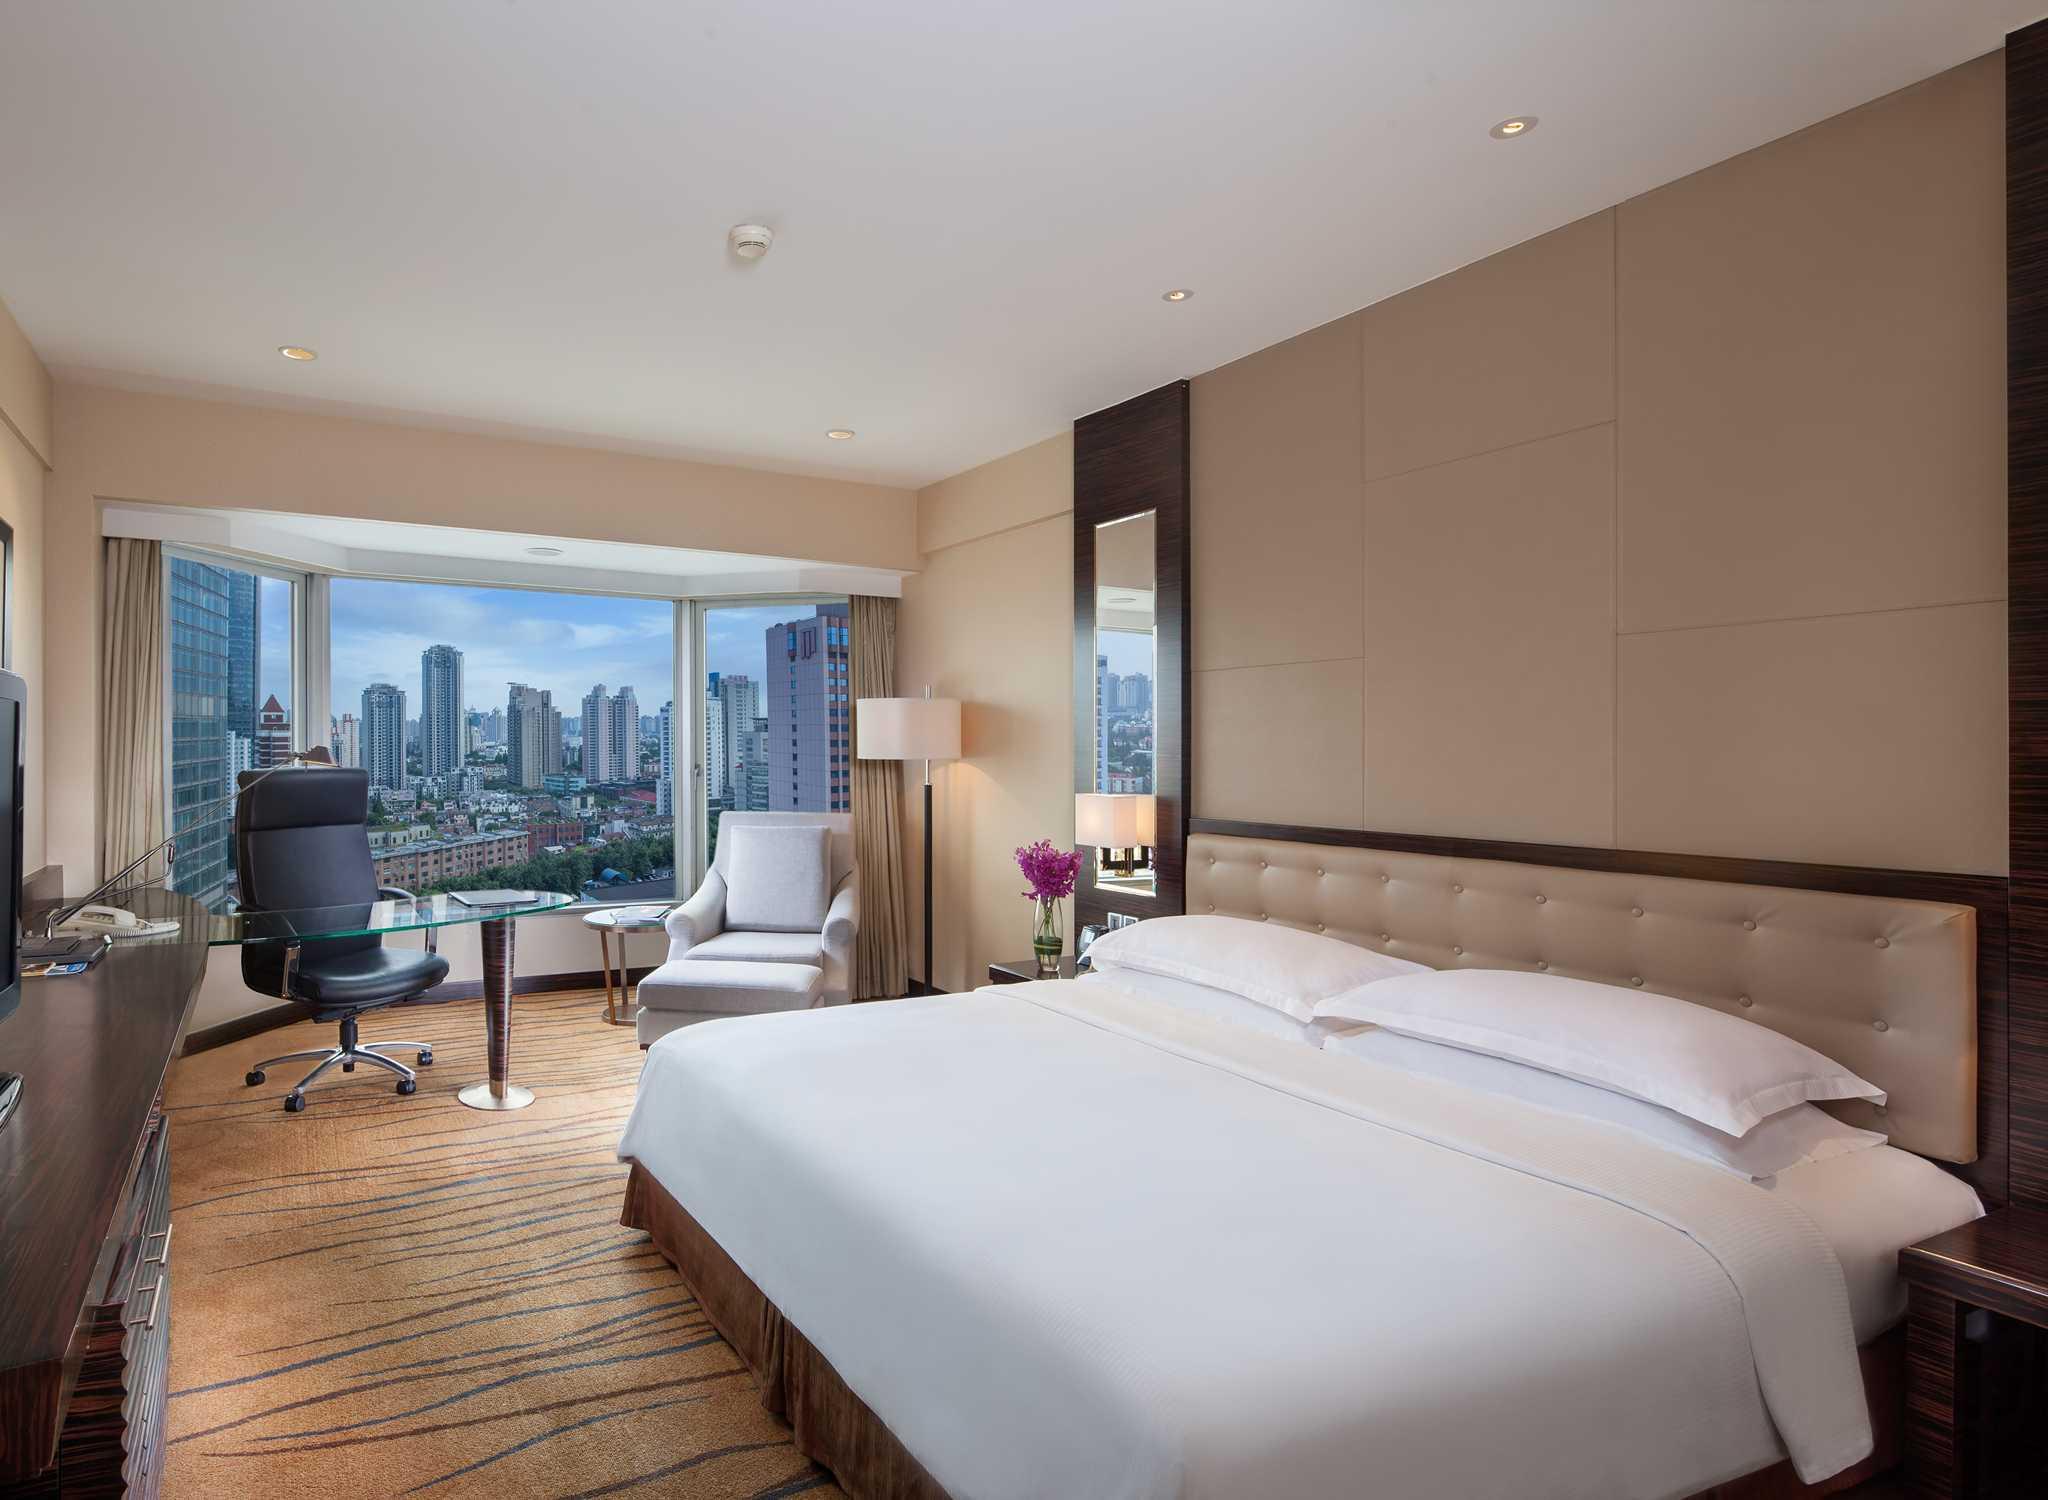 shanghai hotels | hilton shanghai | shanghai, Hause deko